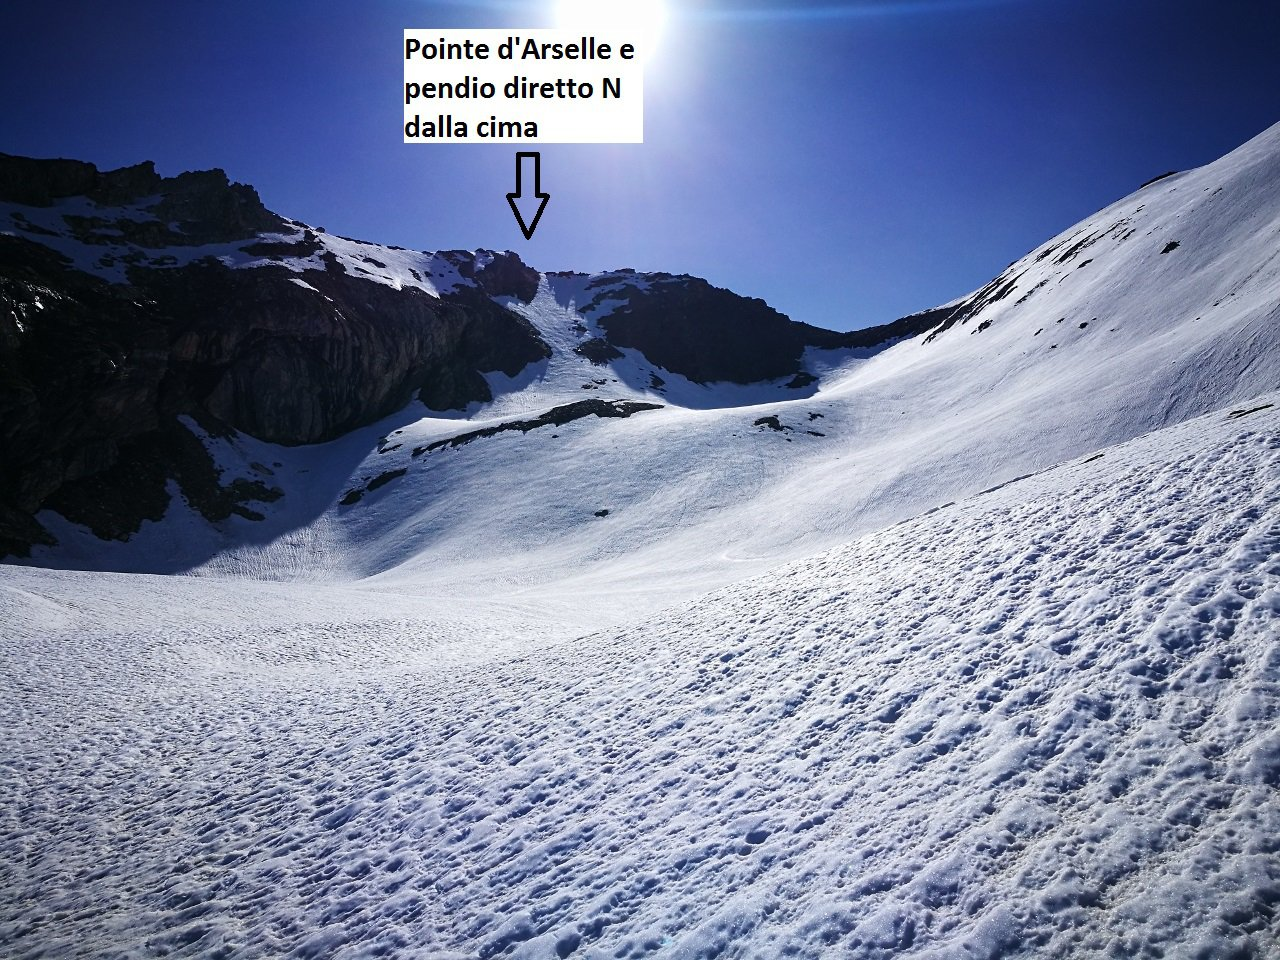 01 - pendio N di discesa dalla Pointe d'Arselle, 35 gradi sui 150m. iniziali